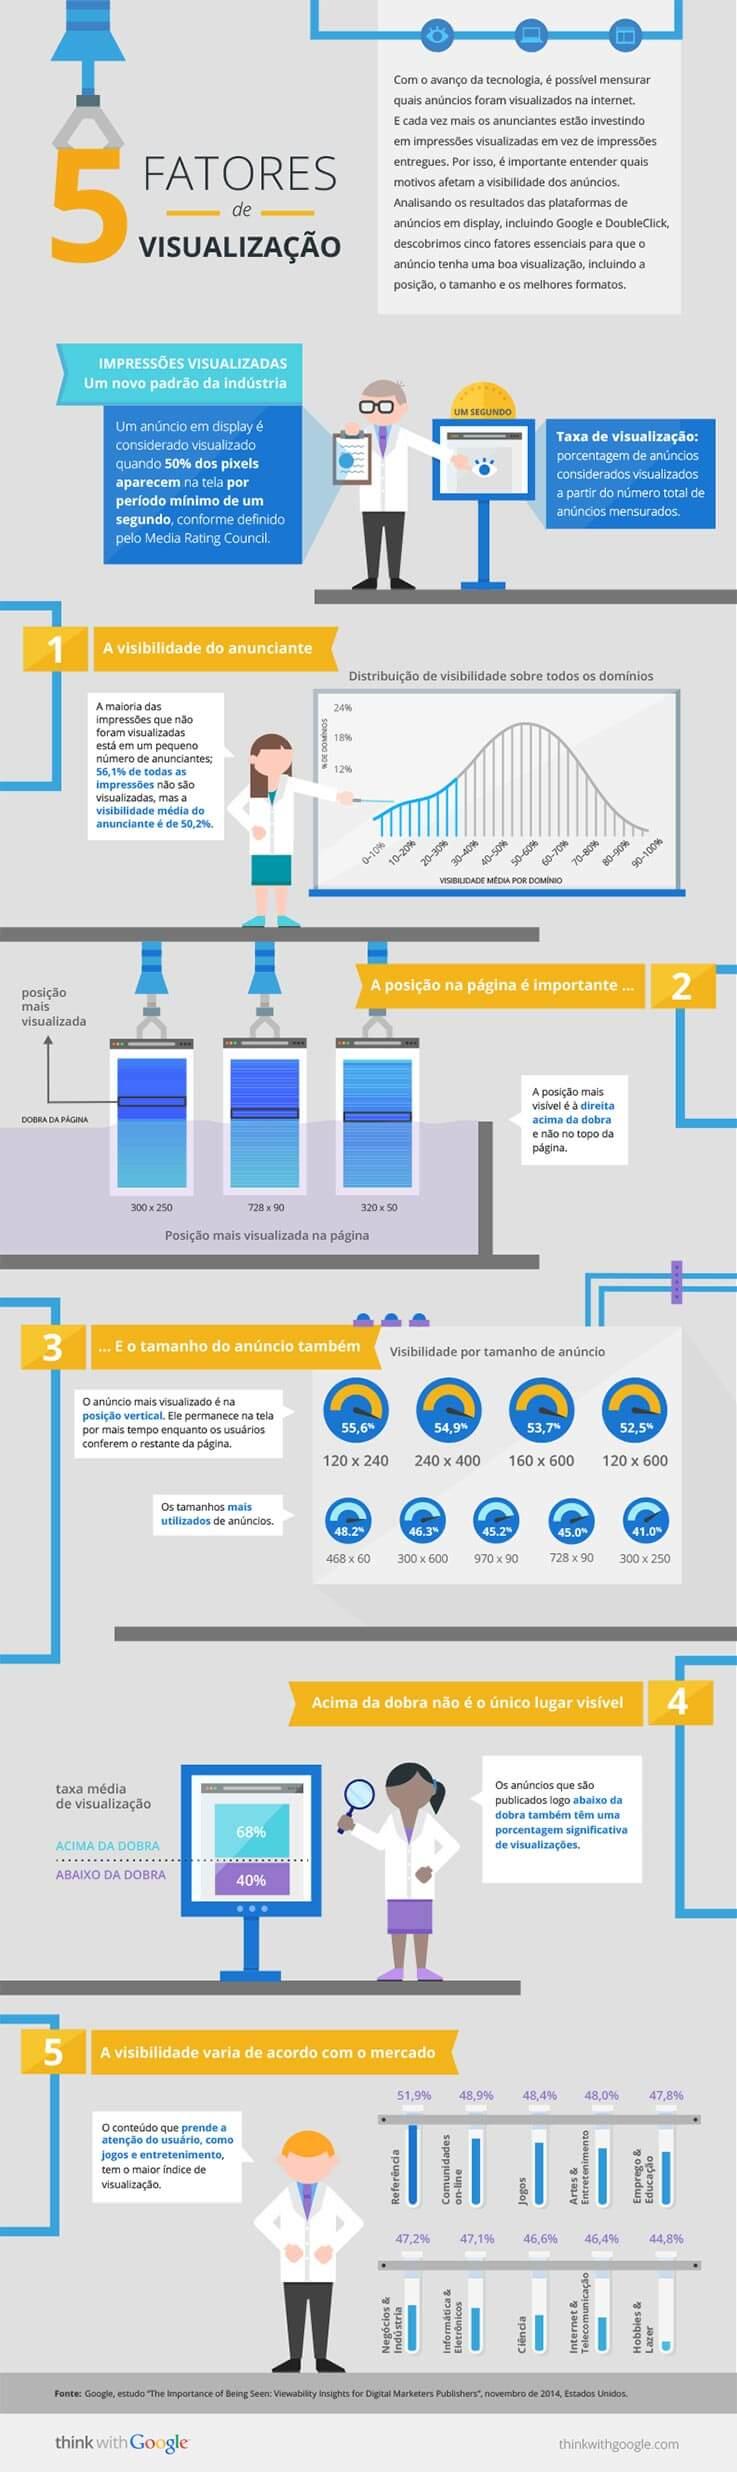 Marketing Digital:  5 Fatores de Visualização